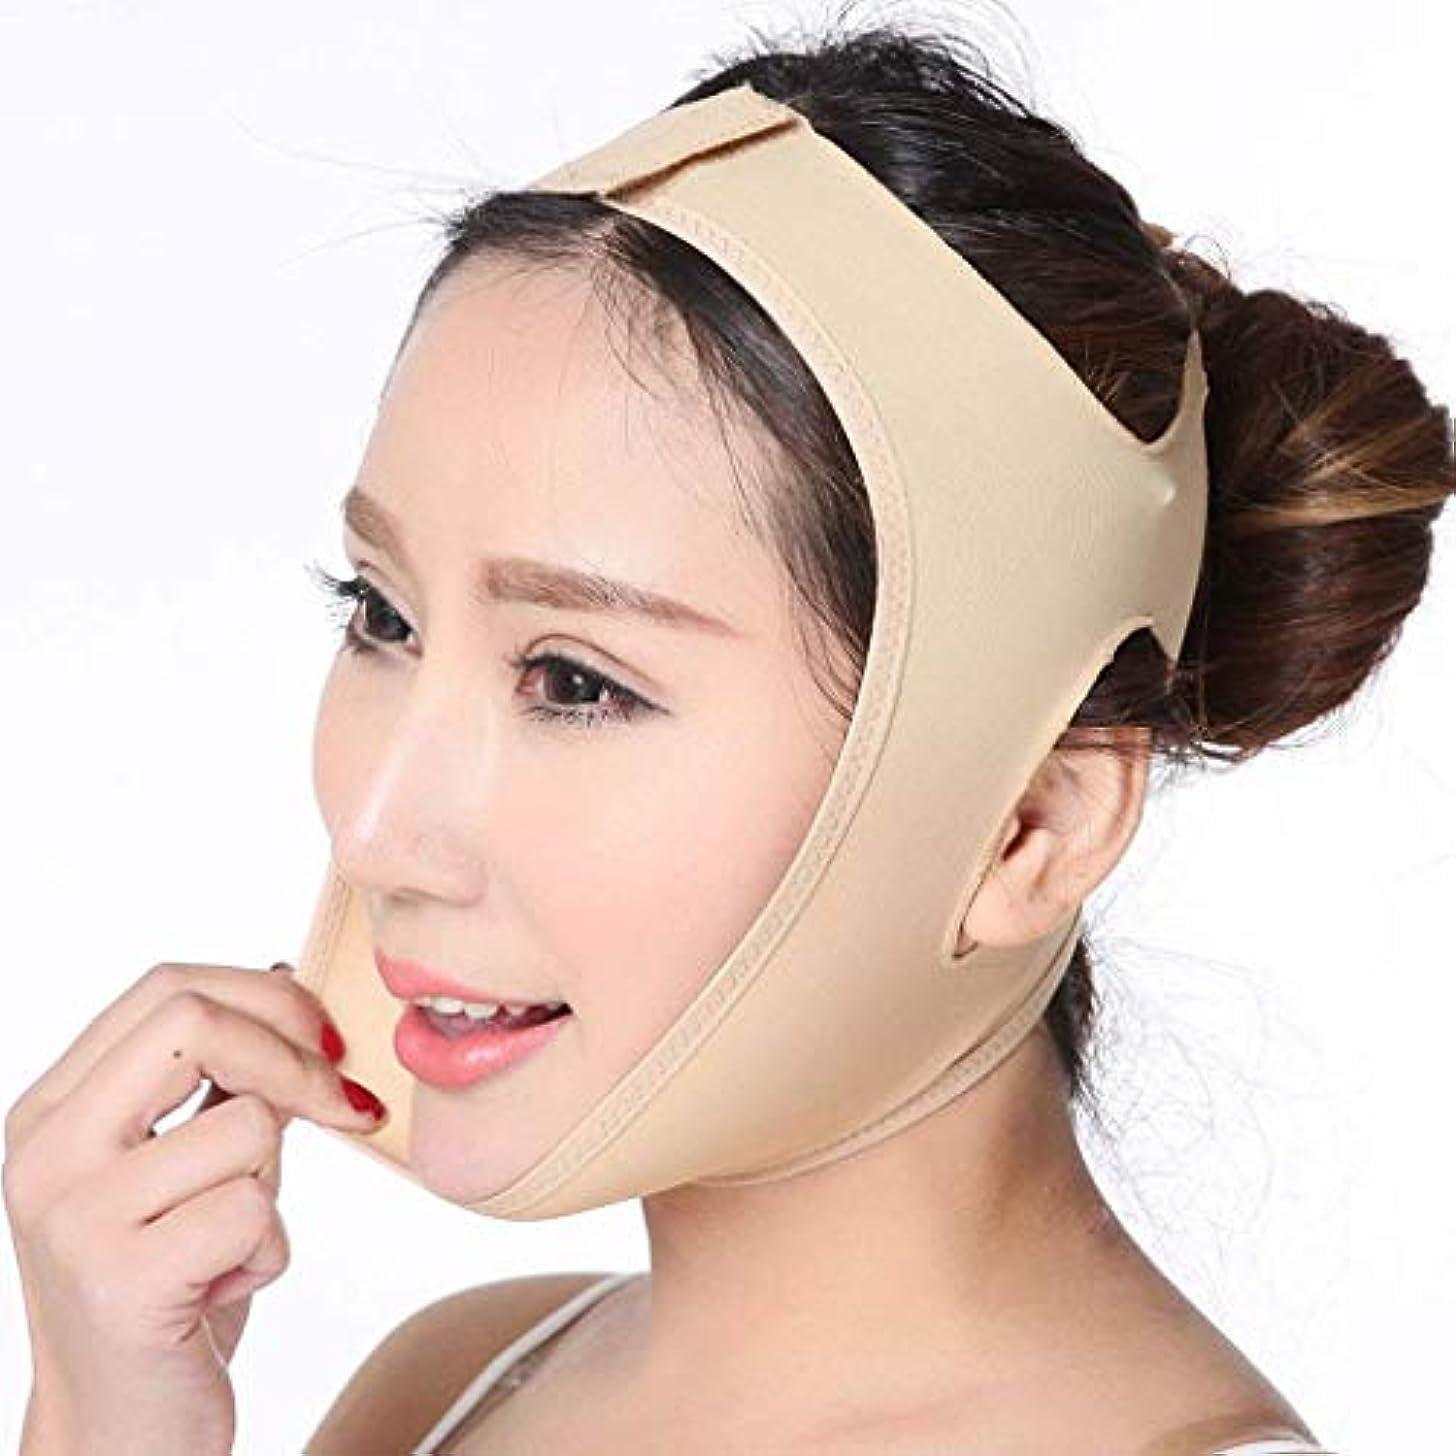 期間アヒル次フェイスリフティング包帯、スリムマスク頬紅顔/痩身包帯をスリミング睡眠とV顔は、二重あご通気性、肌を減らす (XXL)